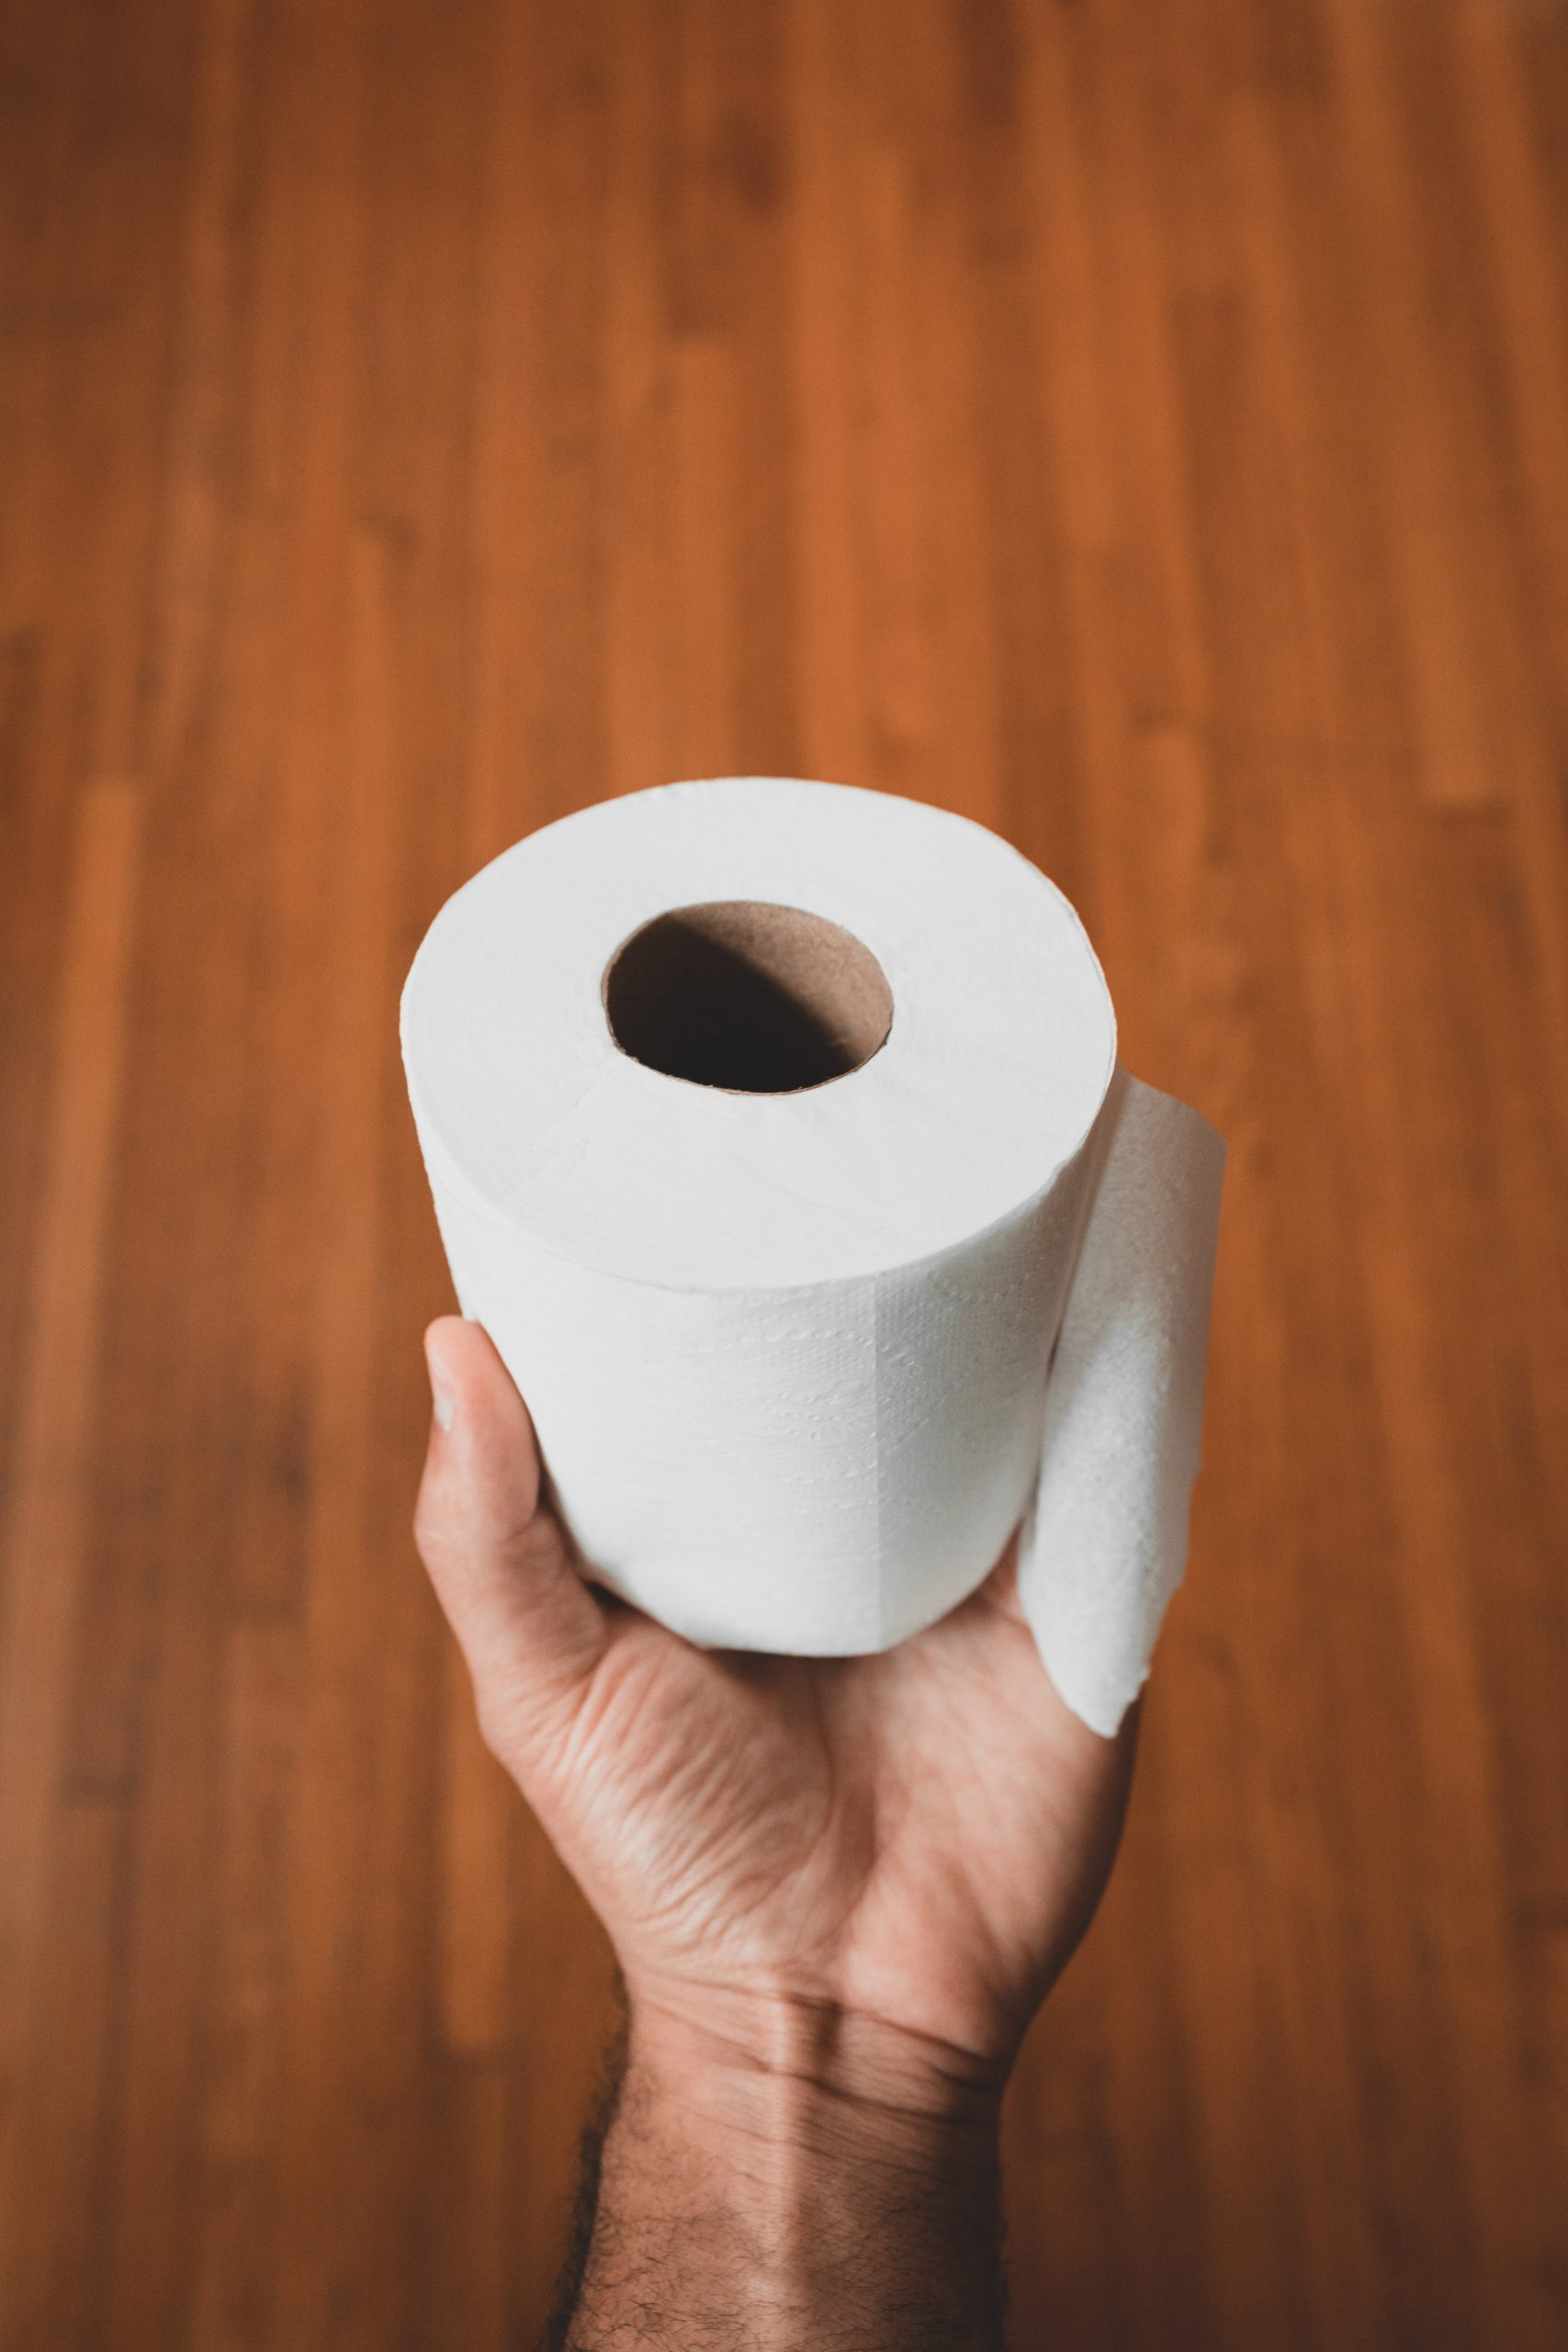 unsplash toilet roll tissue paper coronavirus